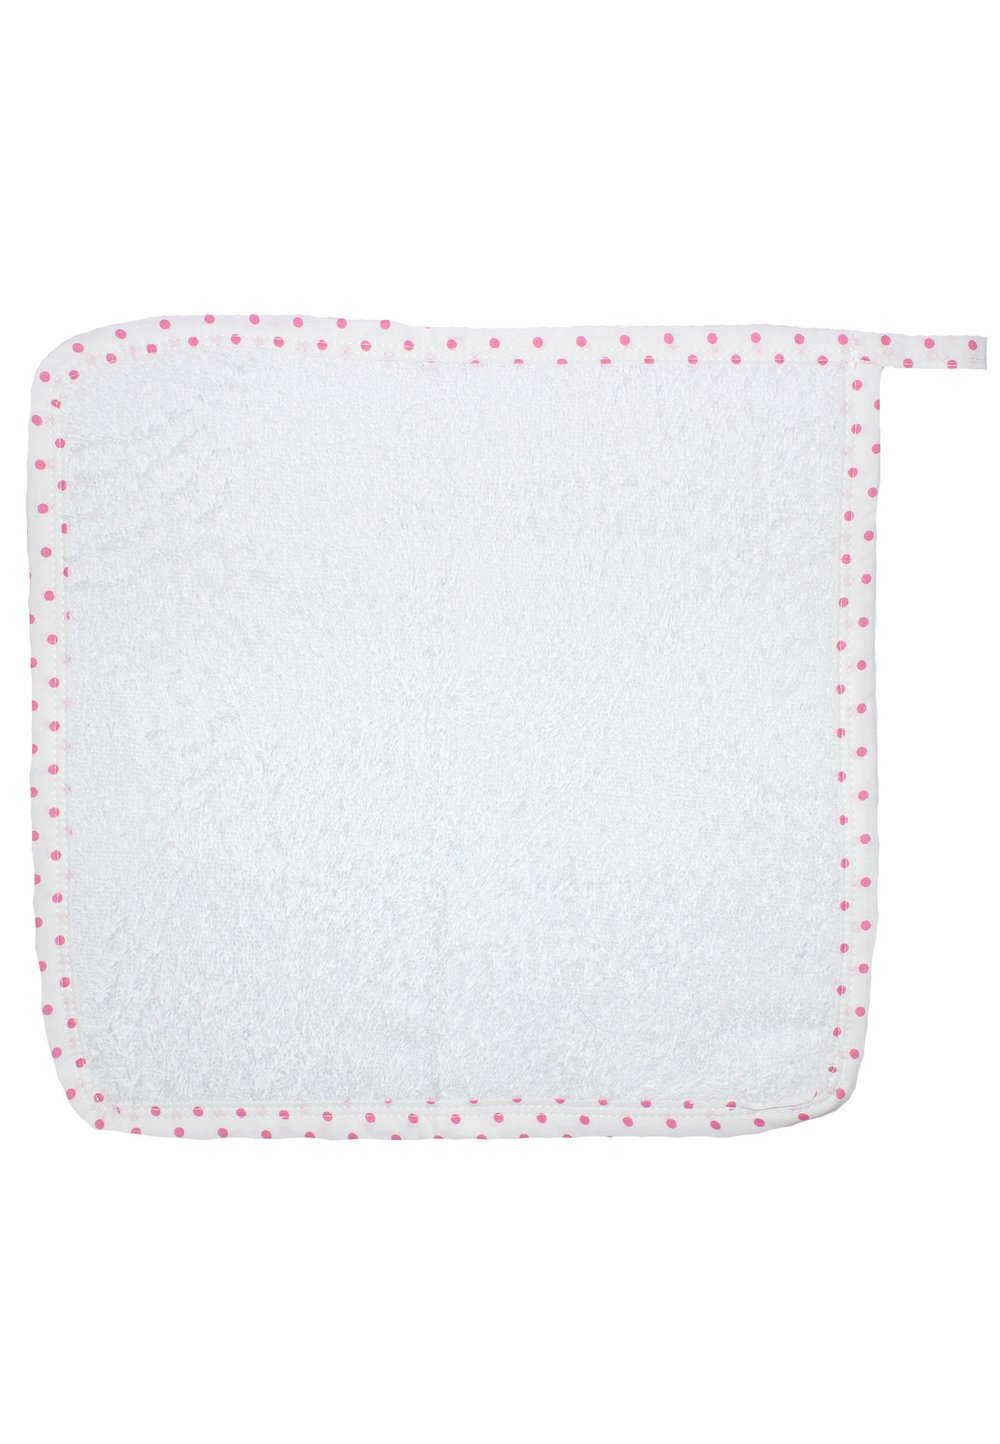 Prosop de maini alb cu buline roz, 30x30 cm imagine